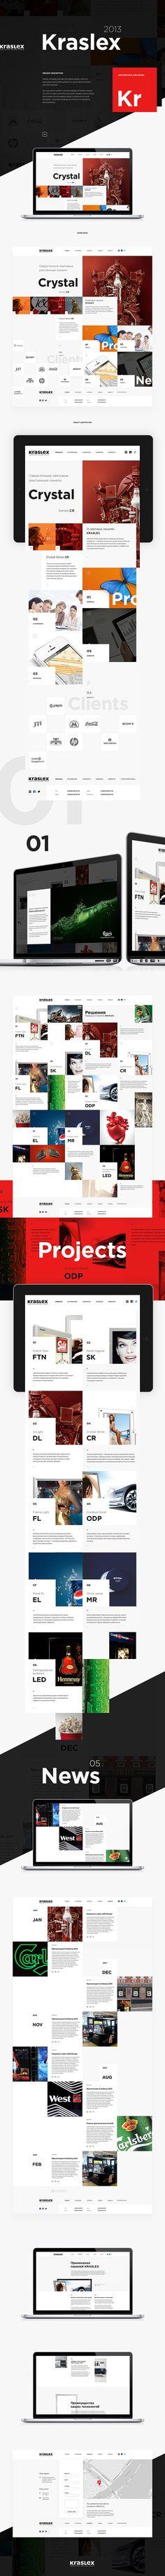 K R S L X by Alexey Masalov, via Behance | #webdesign #it #web #design #layout #userinterface #website #webdesign < repinned by www.BlickeDeeler.de | Visit our website www.blickedeeler.de/leistungen/webdesign